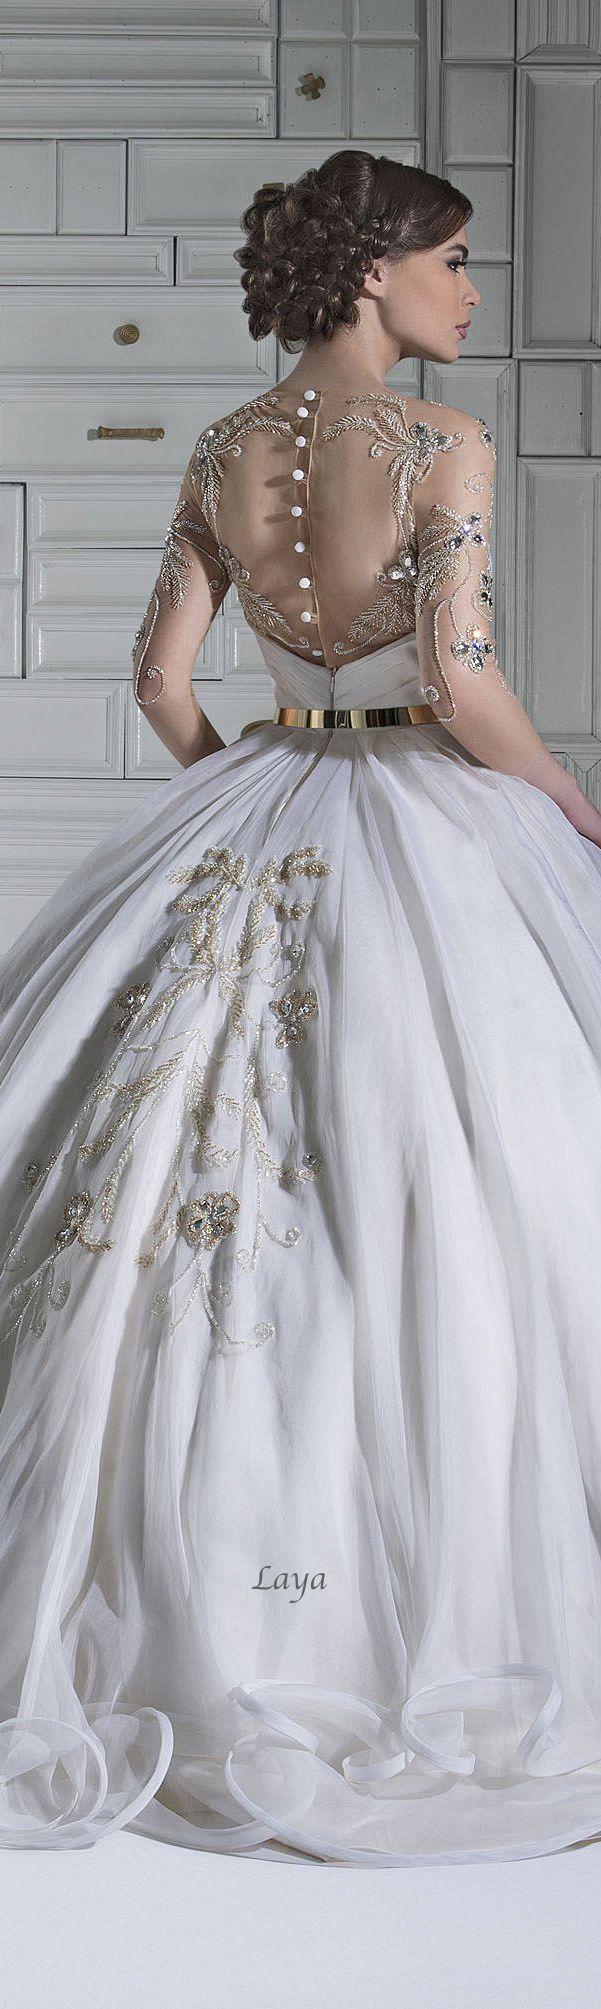 Свадьба - Robes De Mariée. Weeding Dress